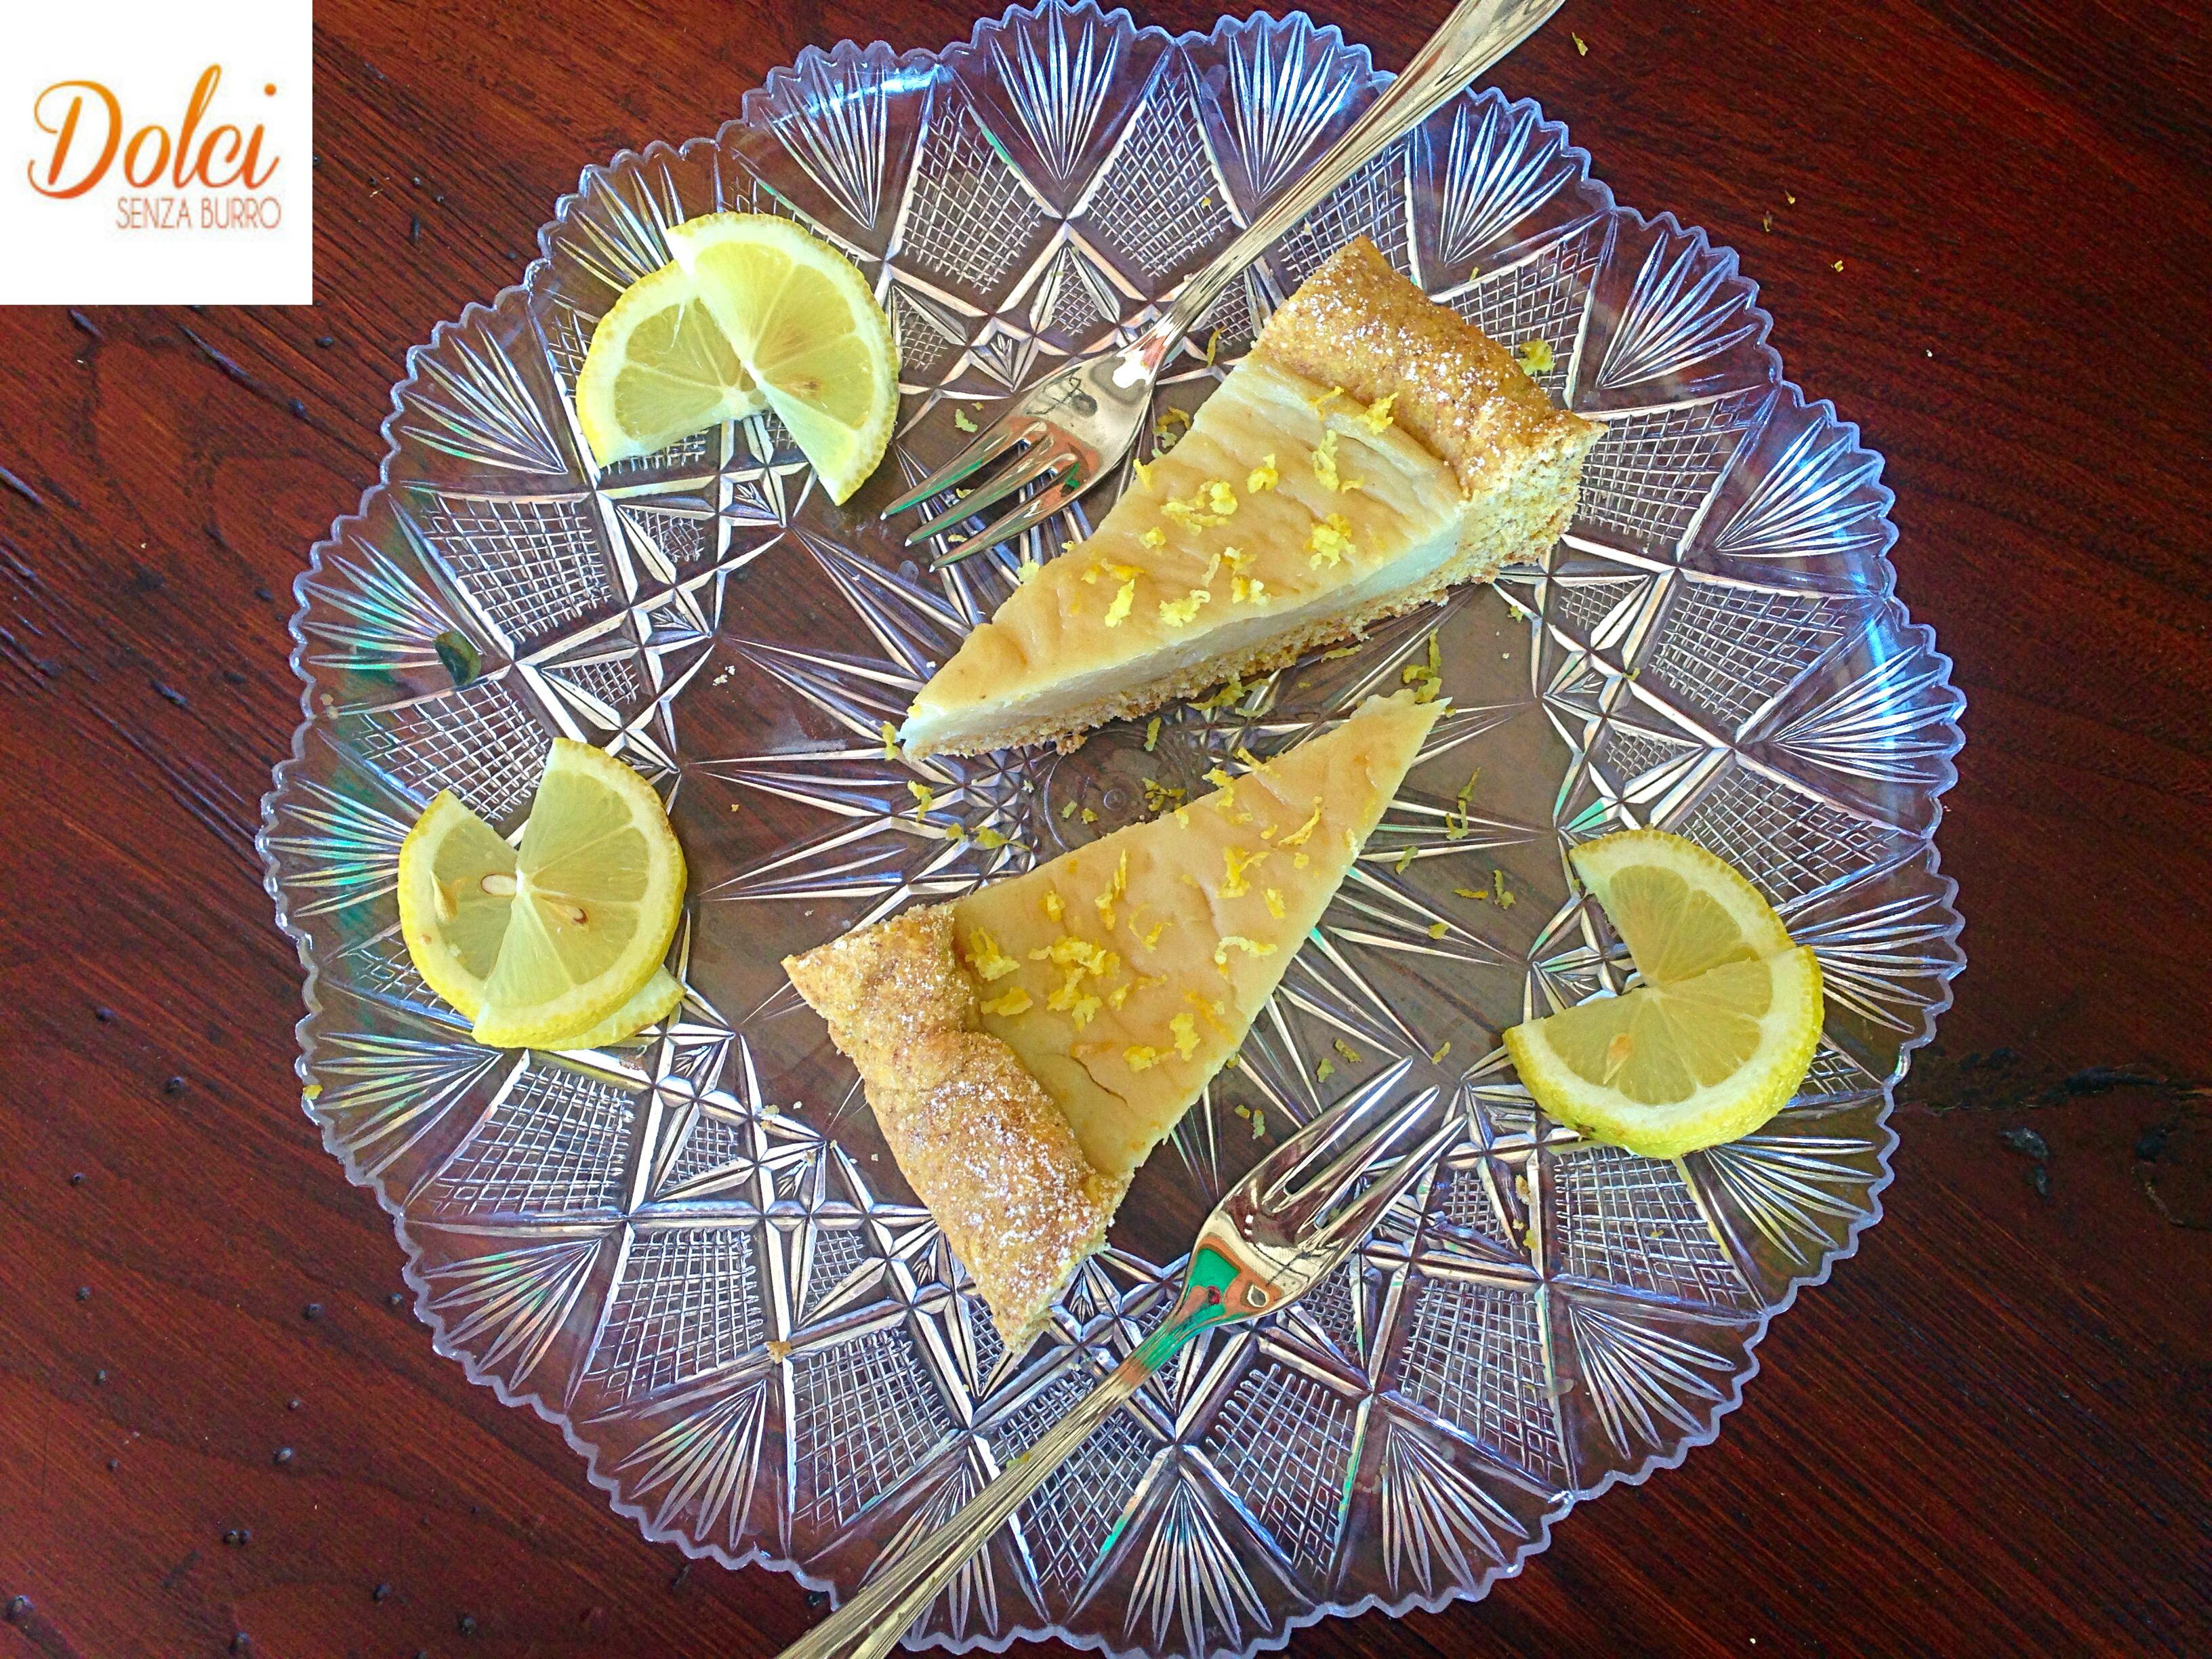 Crostata al Limone Vegana, la crostata senza burro e uova di dolci senza burro